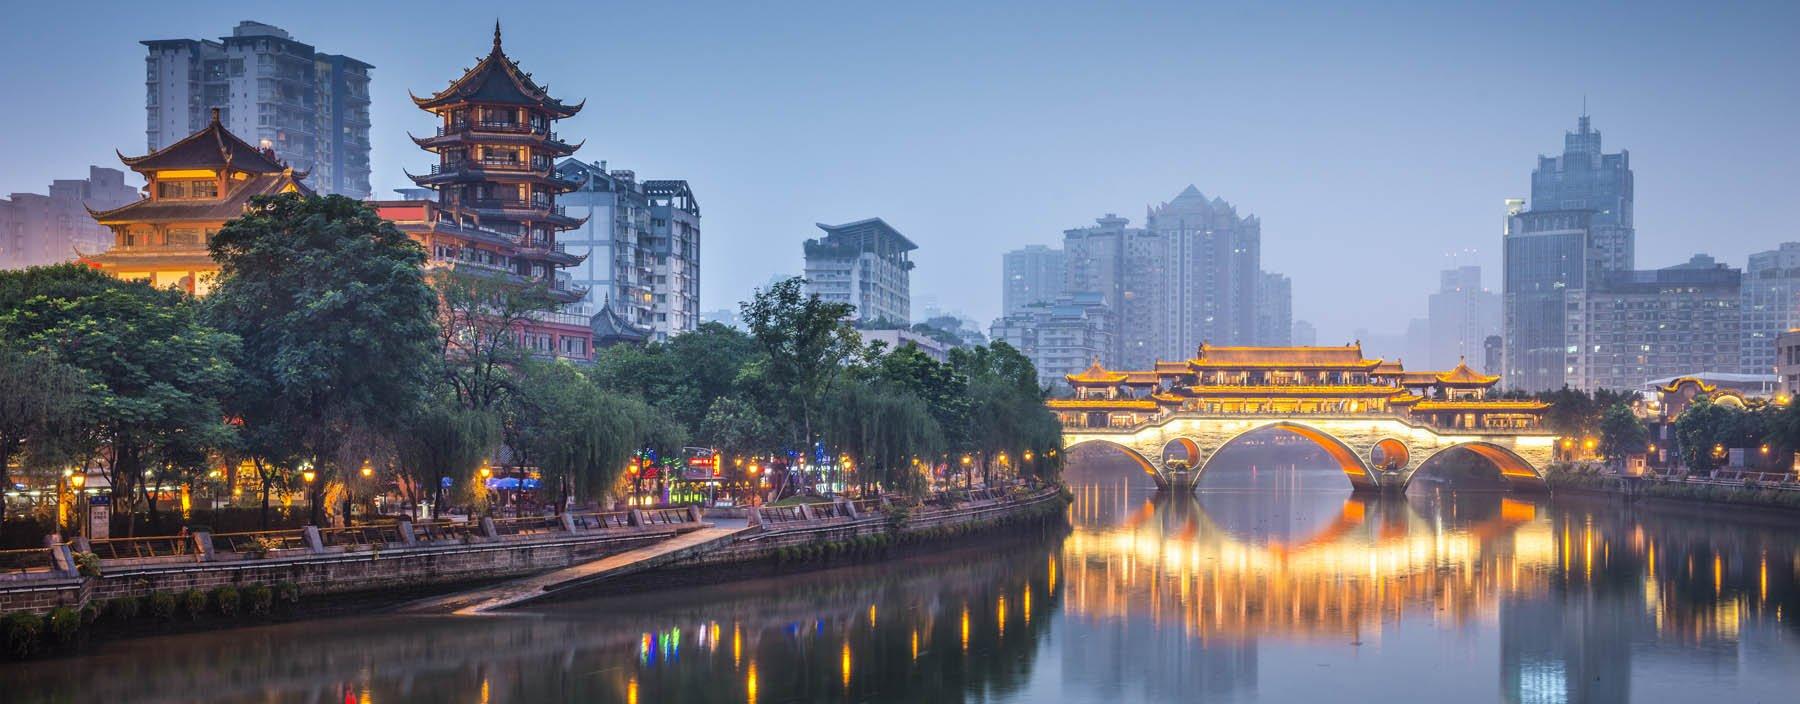 cn, chengdu, anshun bridge.jpg